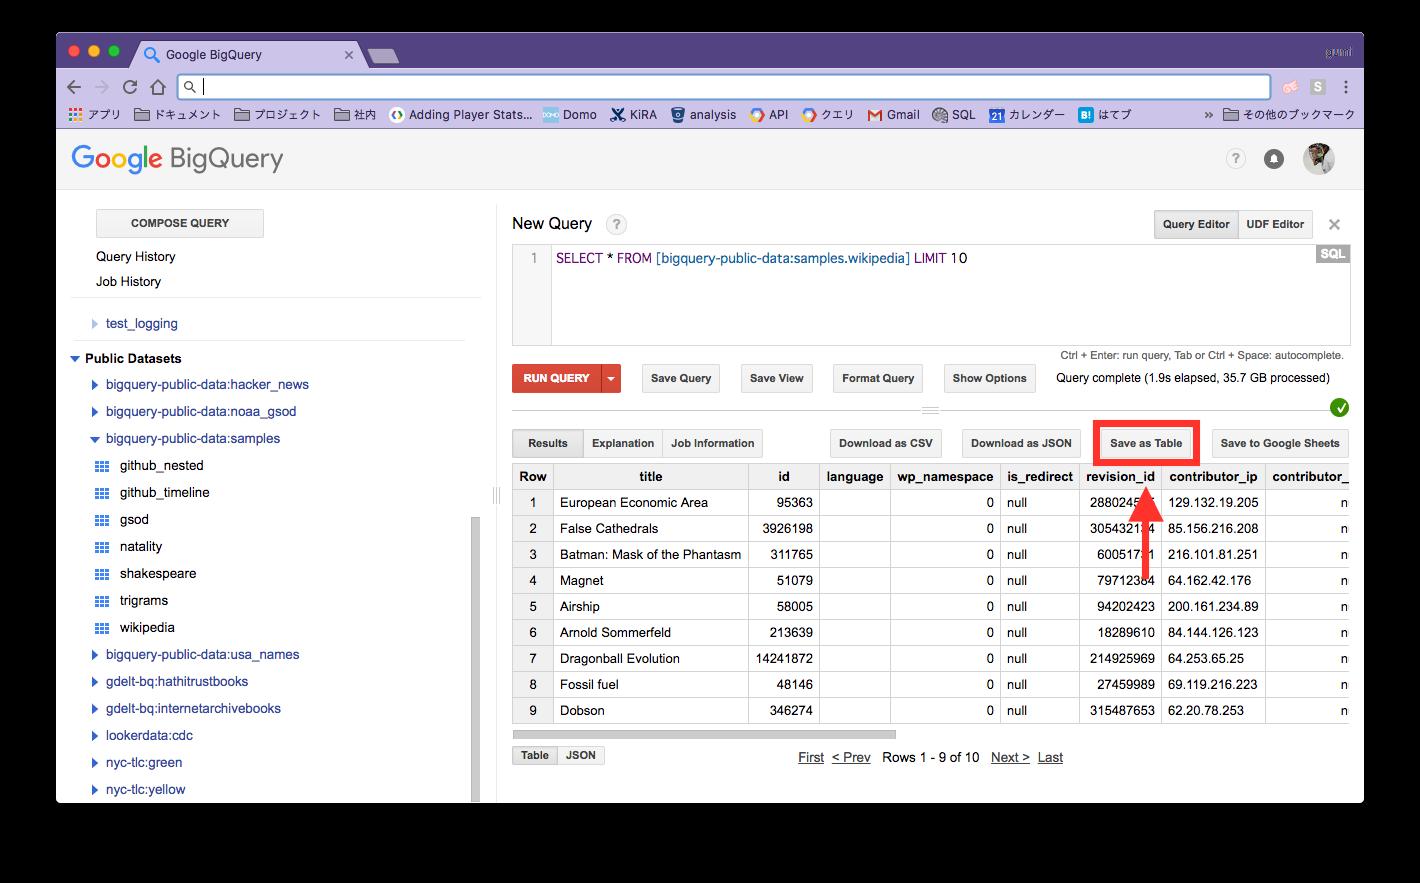 webブラウザでBigQueryから大きなデータをダウンロードする